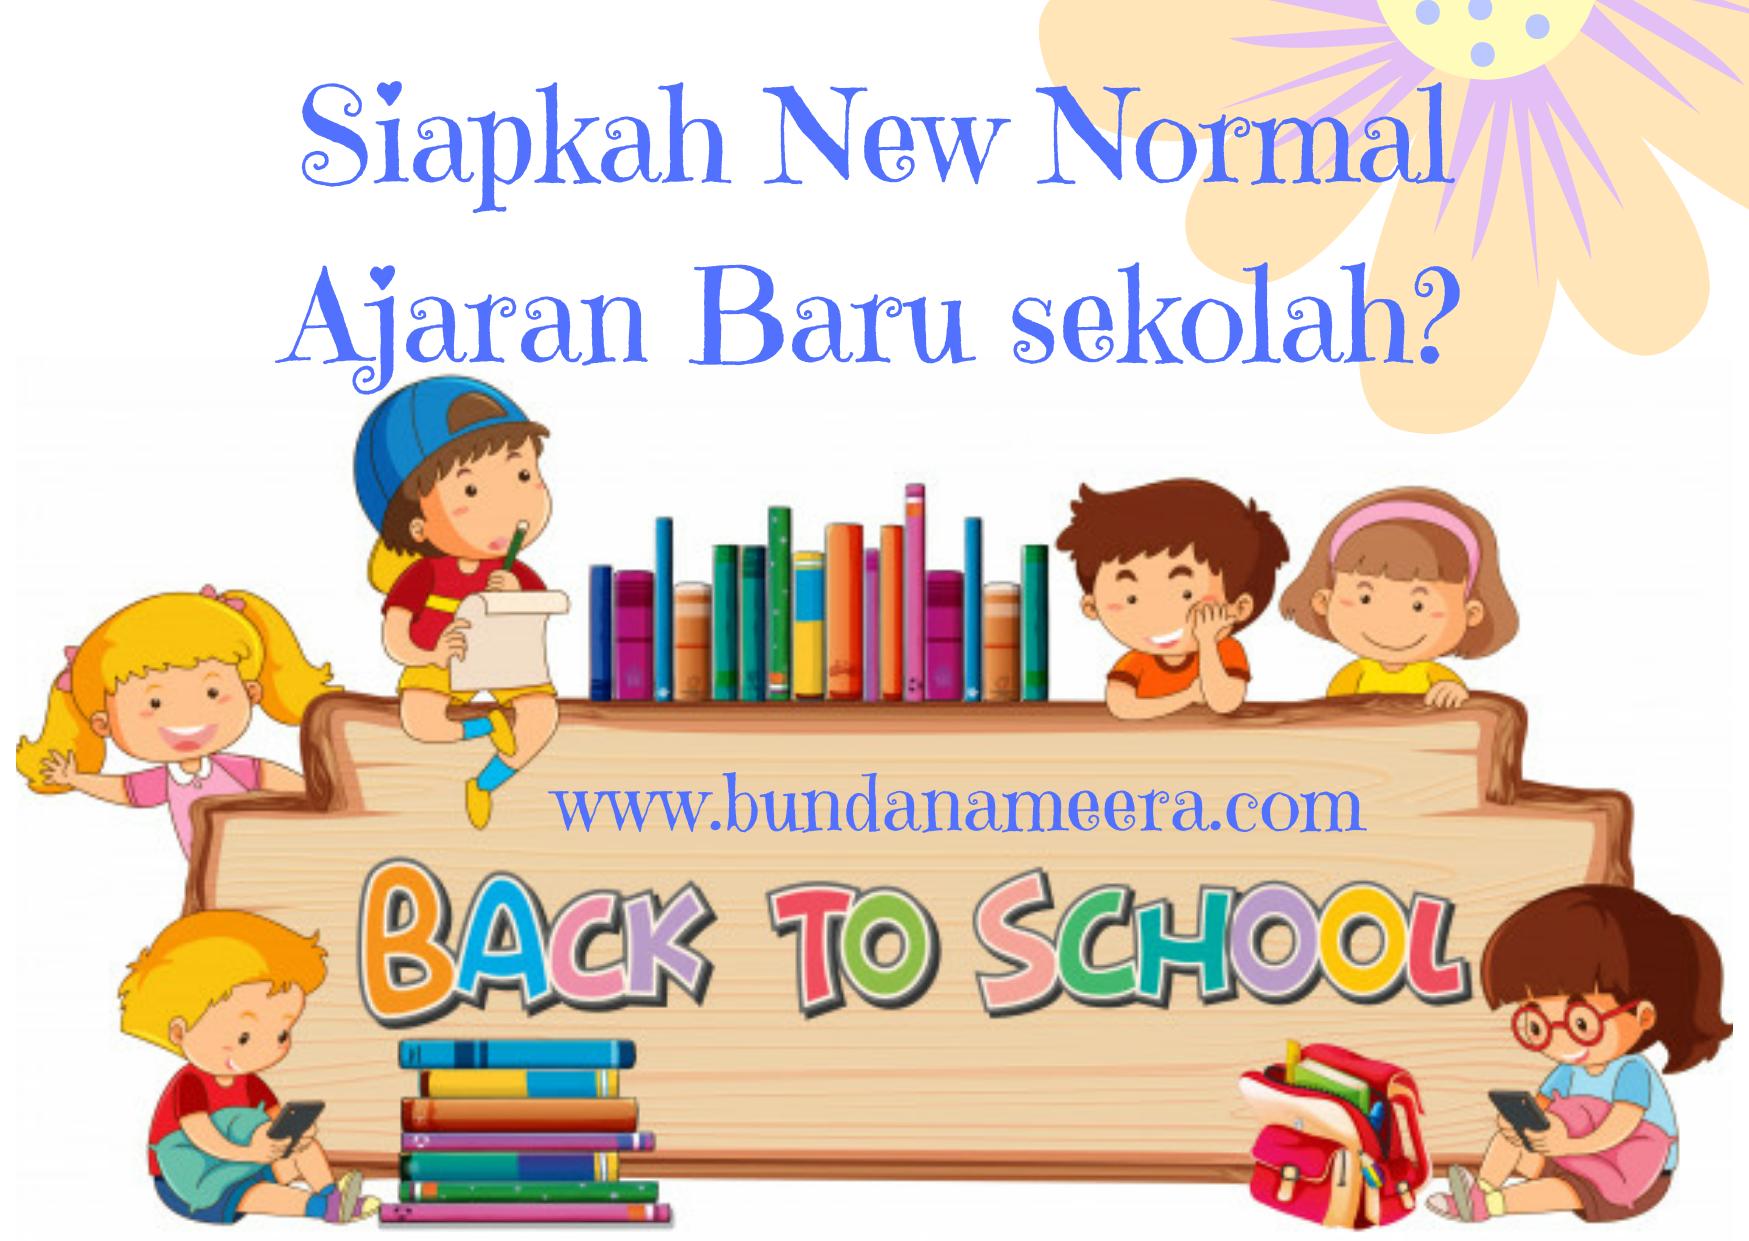 Menghadapi new normal ajaran baru sekolah